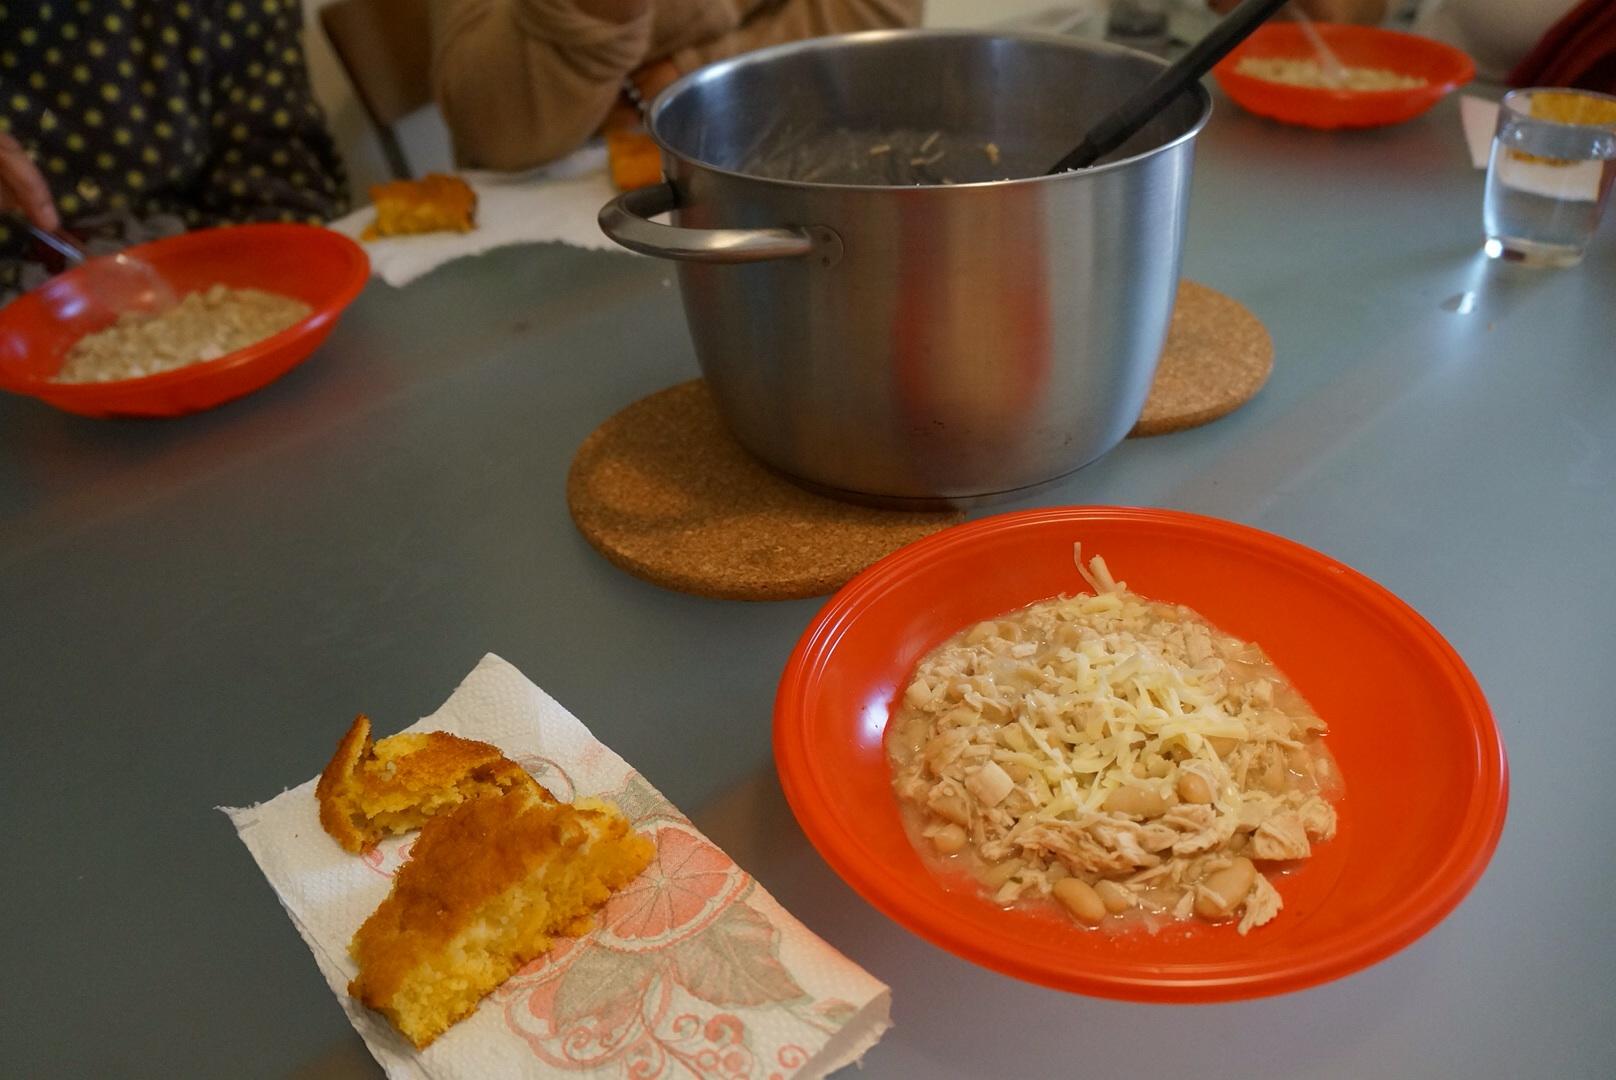 White chili and cornbread